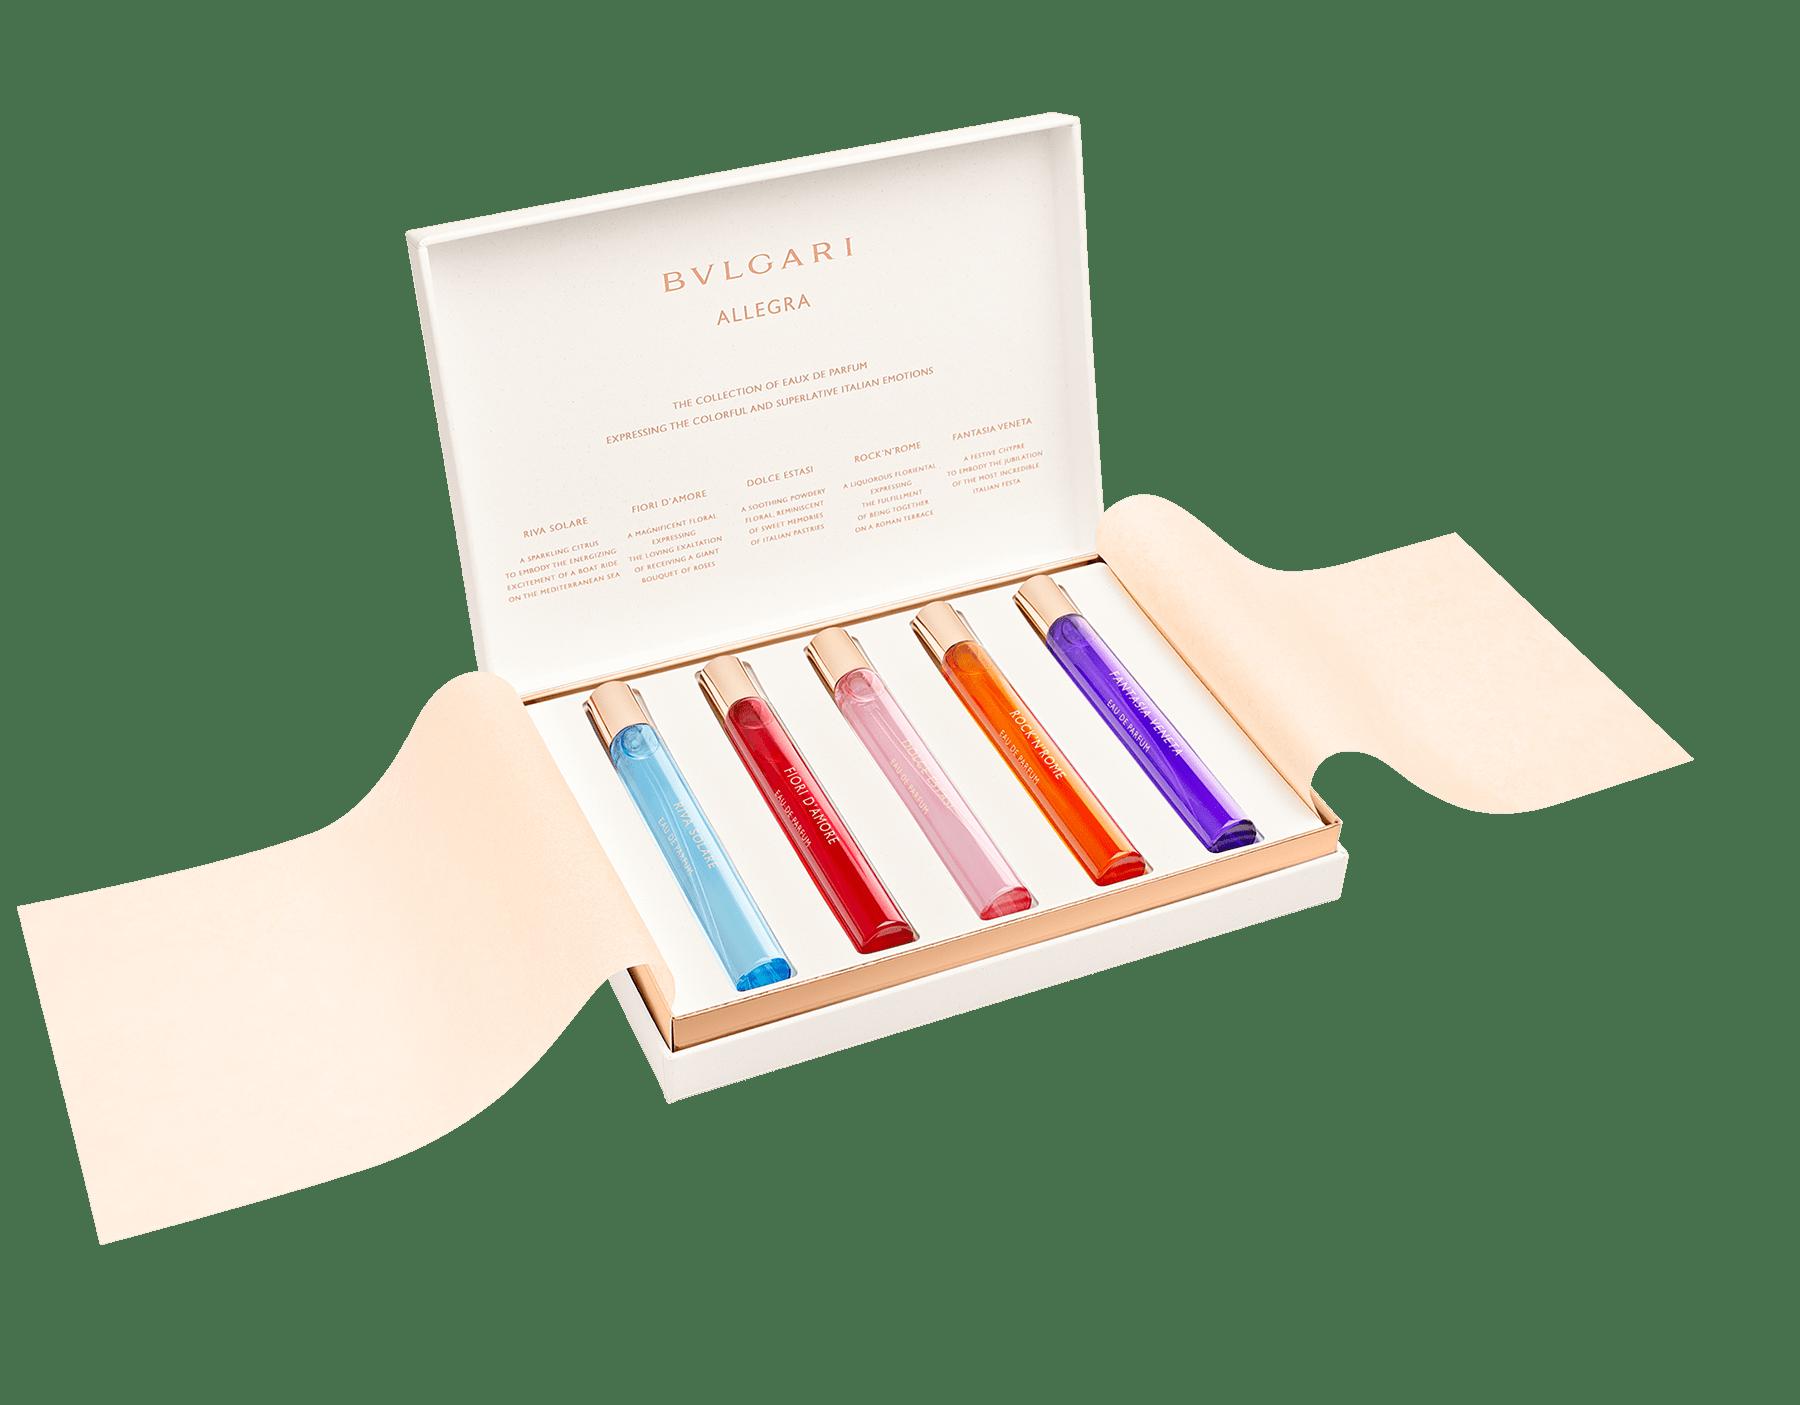 Das BVLGARI Allegra Kennenlern-Set umfasst fünf ausgewählte Eaux de Parfum, die für jeweils für ein intensives italienisches Gefühl stehen. 41291 image 1